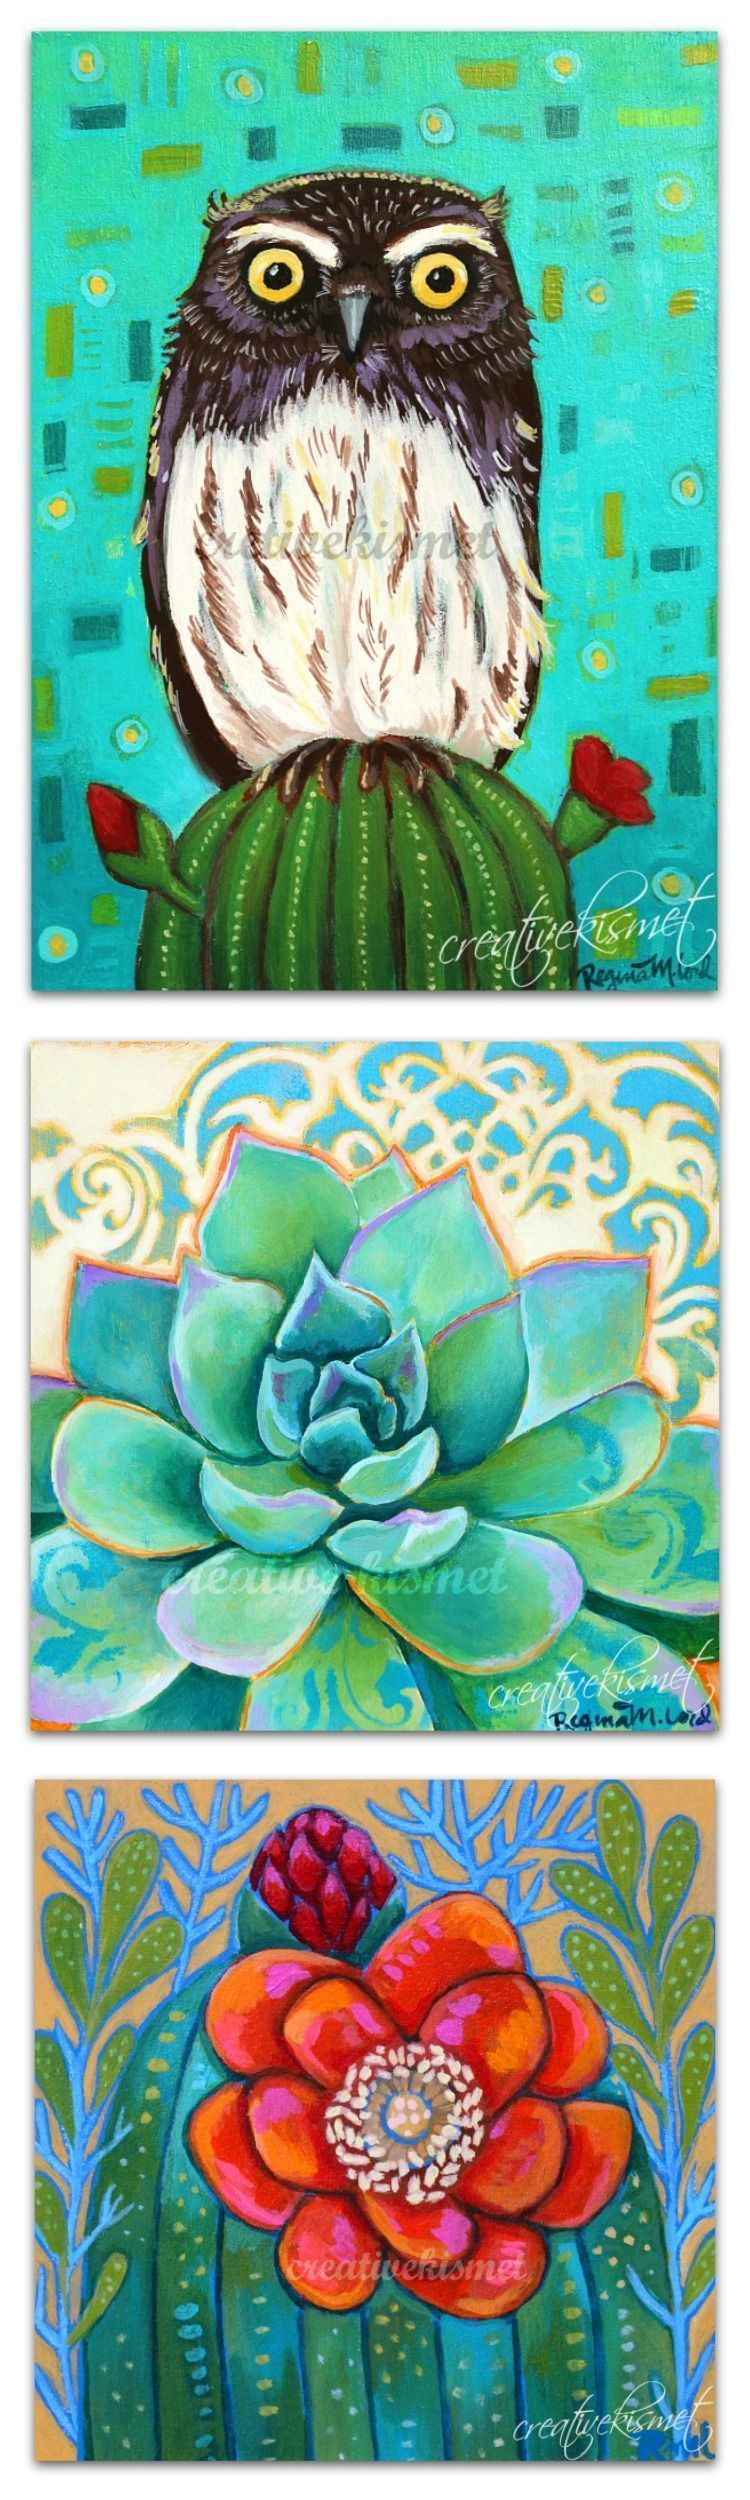 #Kaktus diy draw Colorful Desert Blooms at Tohono Chul#blooms #chul #colorful #desert #diy #draw #kaktus #tohono